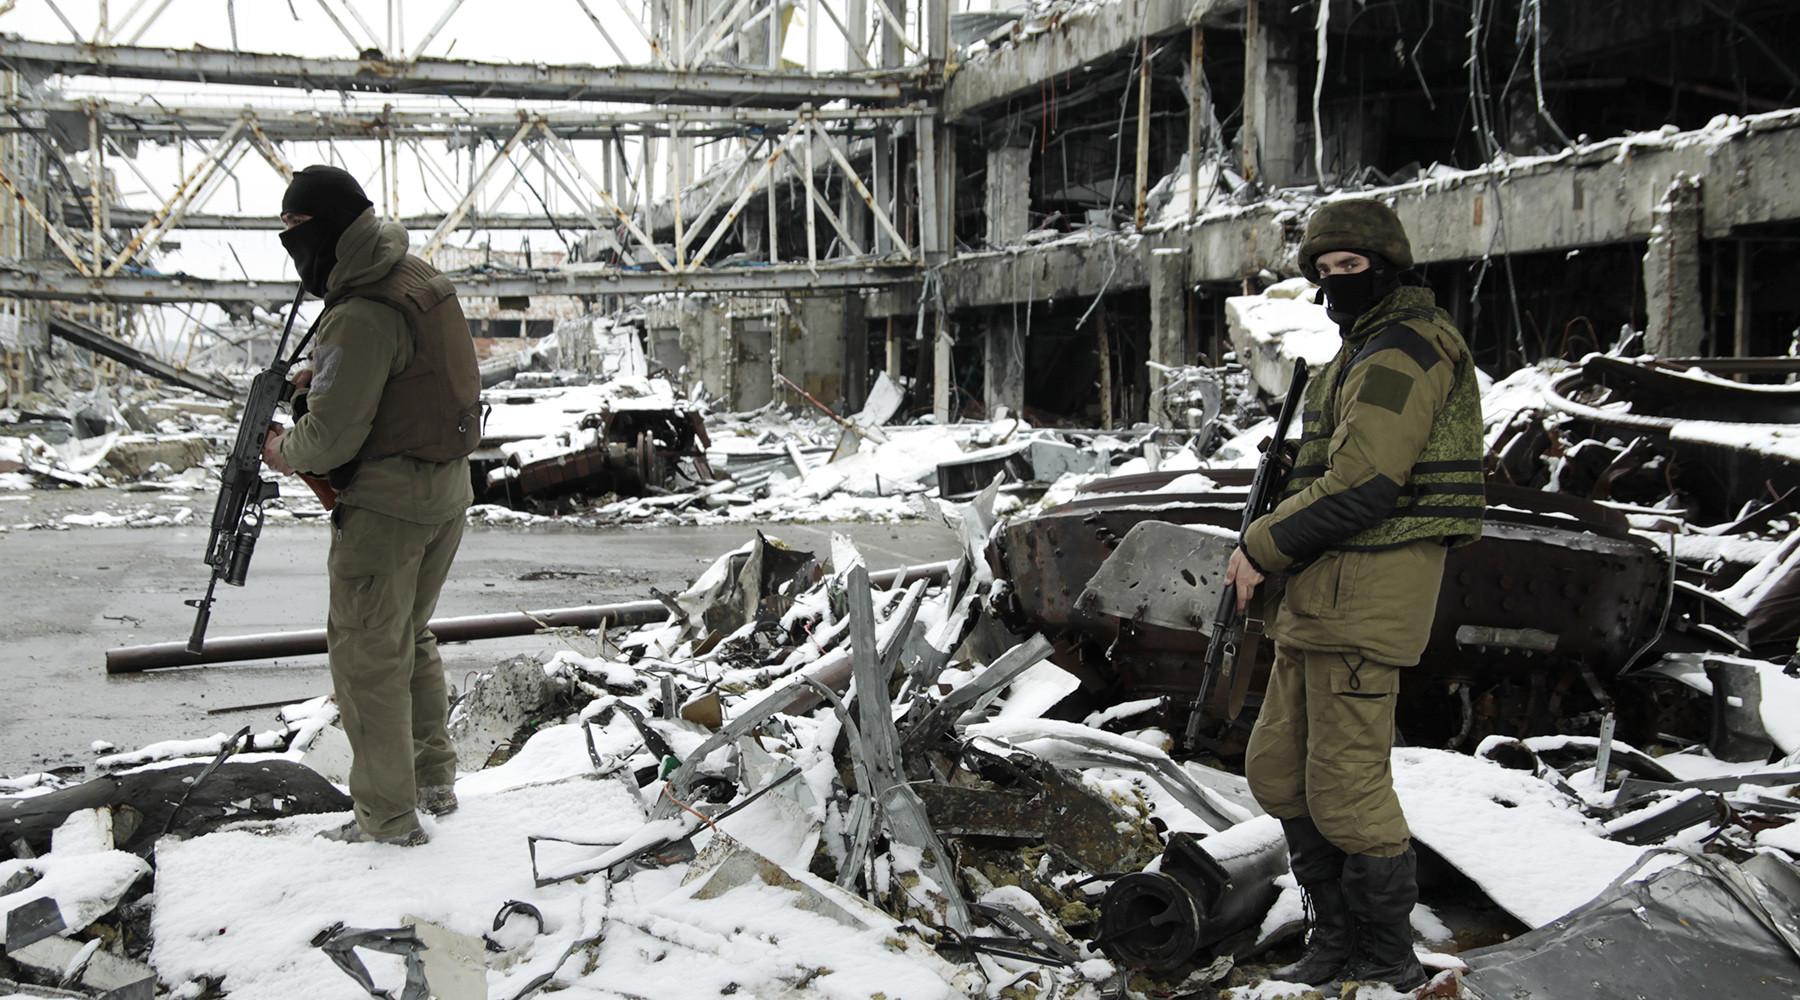 Зачем украинские силовики бросили вызов корпорации Apple